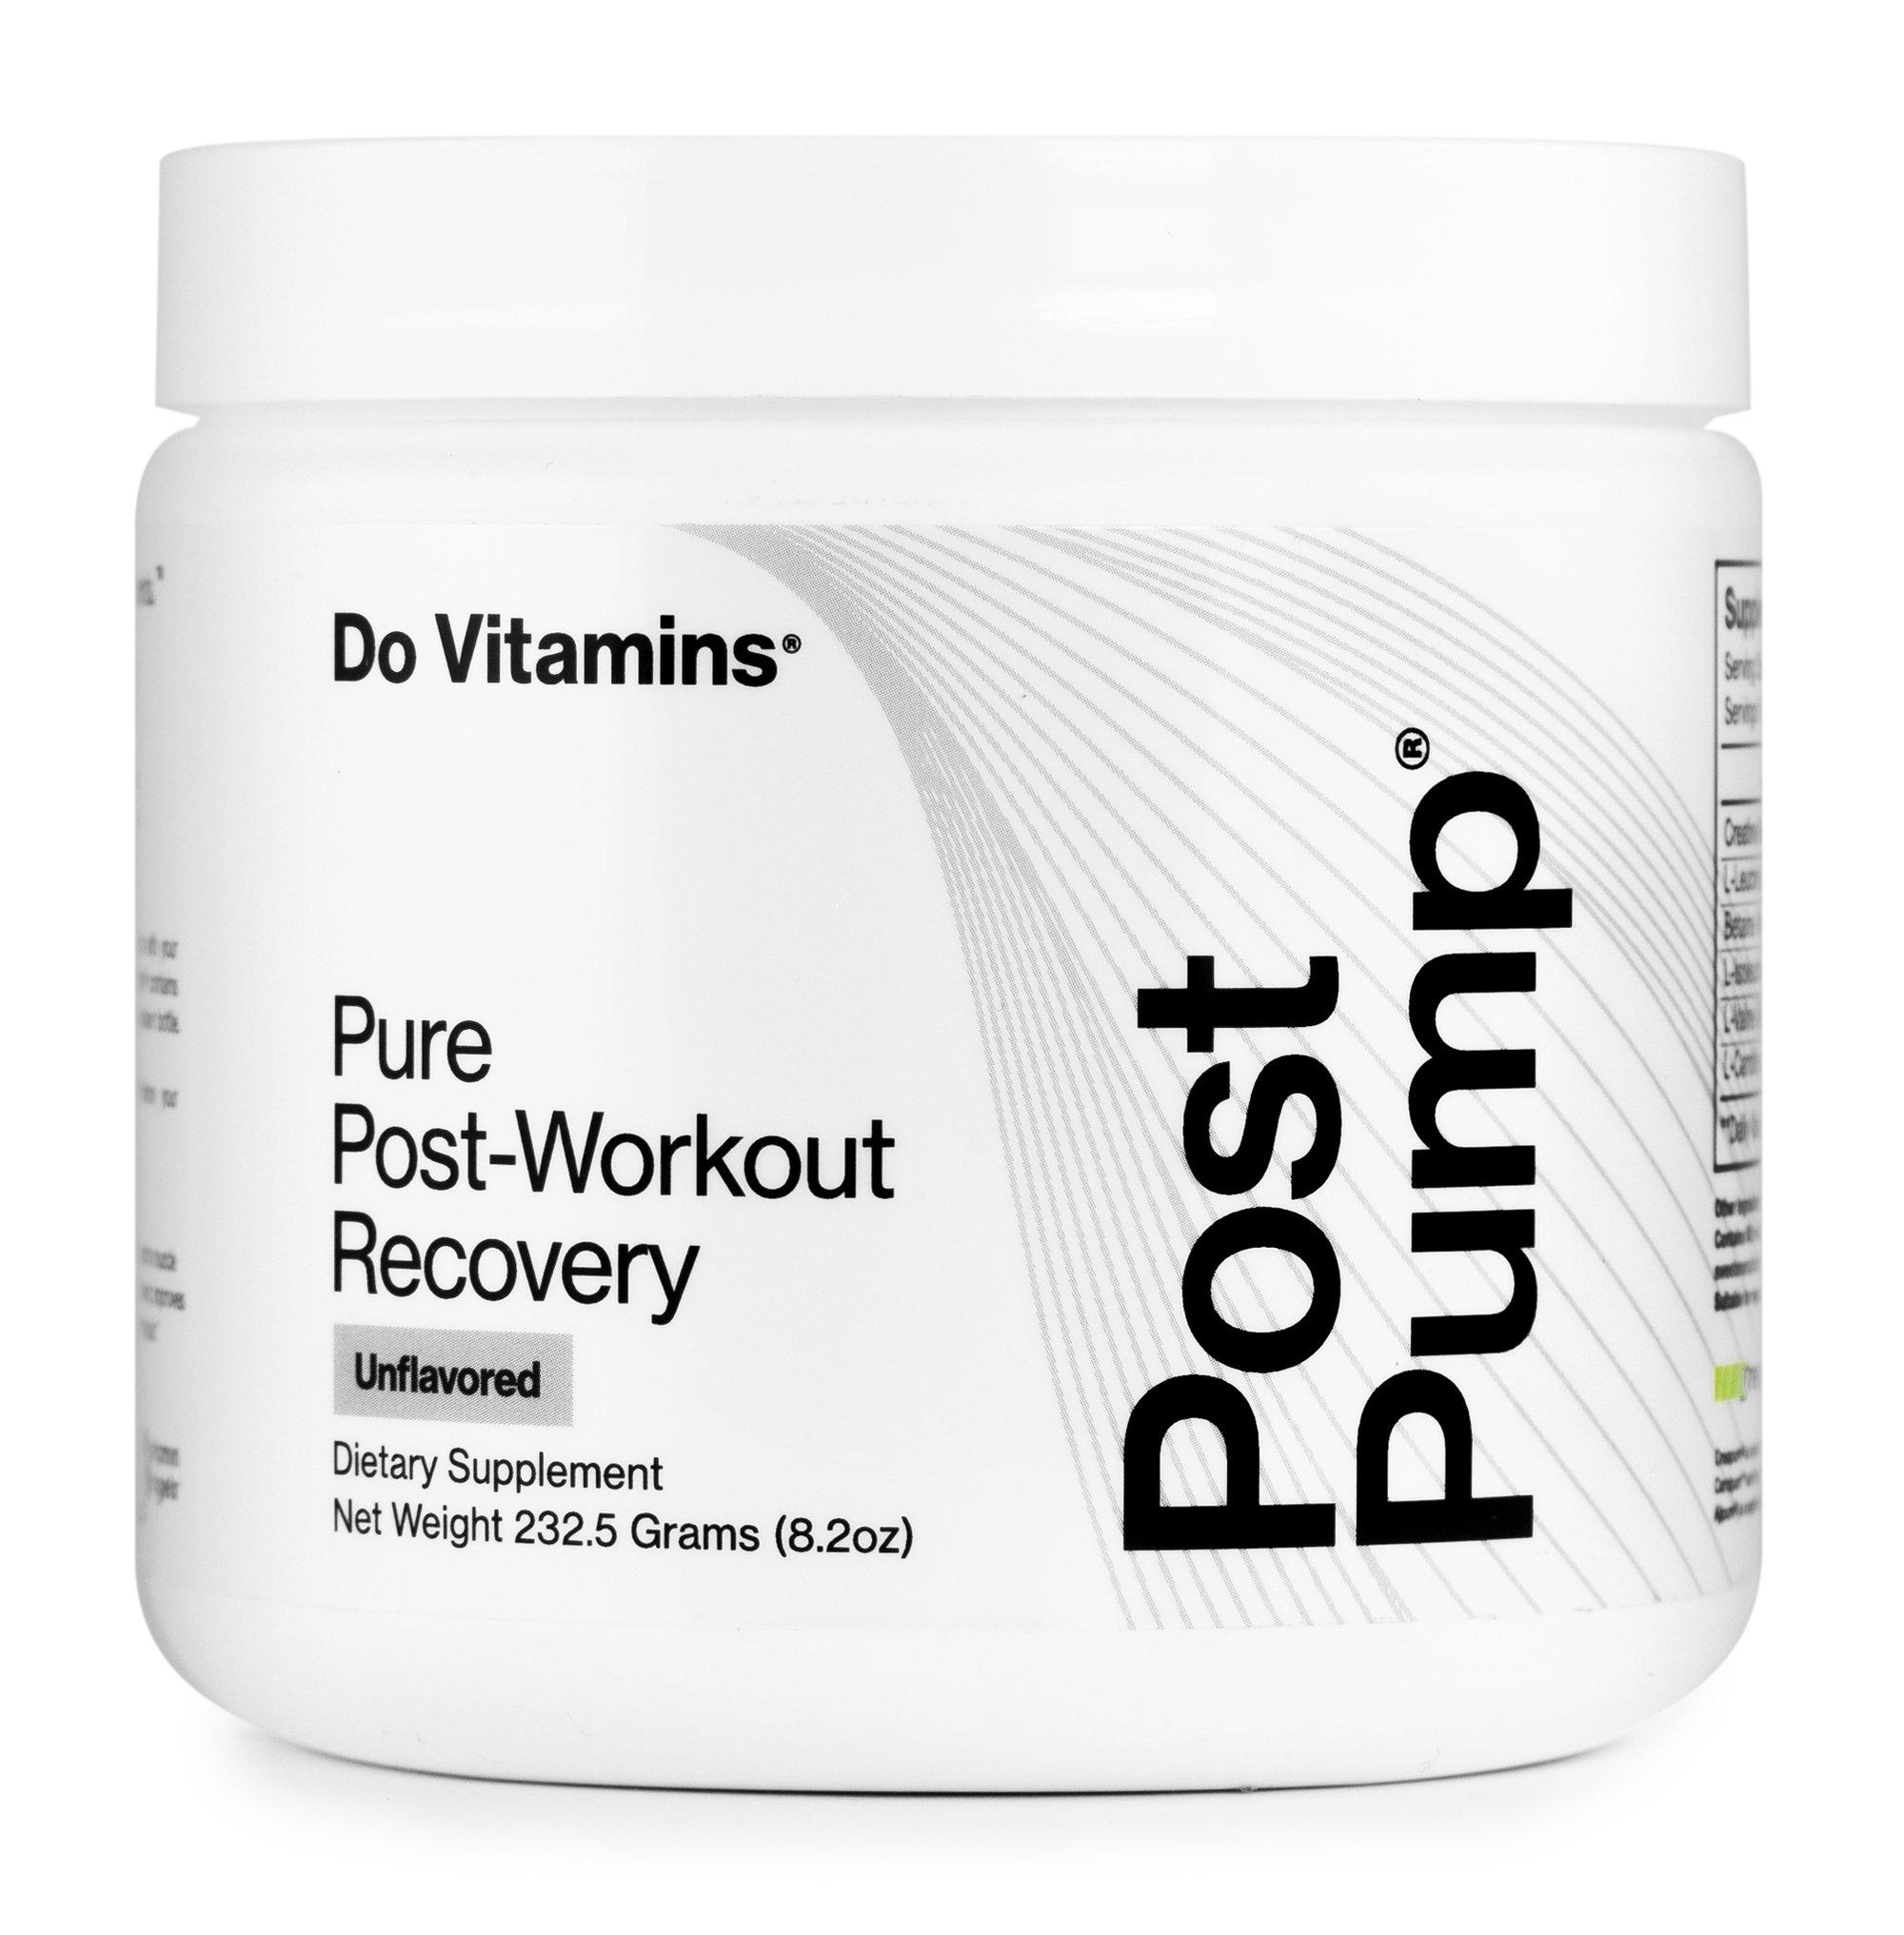 PostPump - Do Vitamins - Certified Paleo, Keto Certified, Paleo Friendly, PaleoVegan by the Paleo Foundation